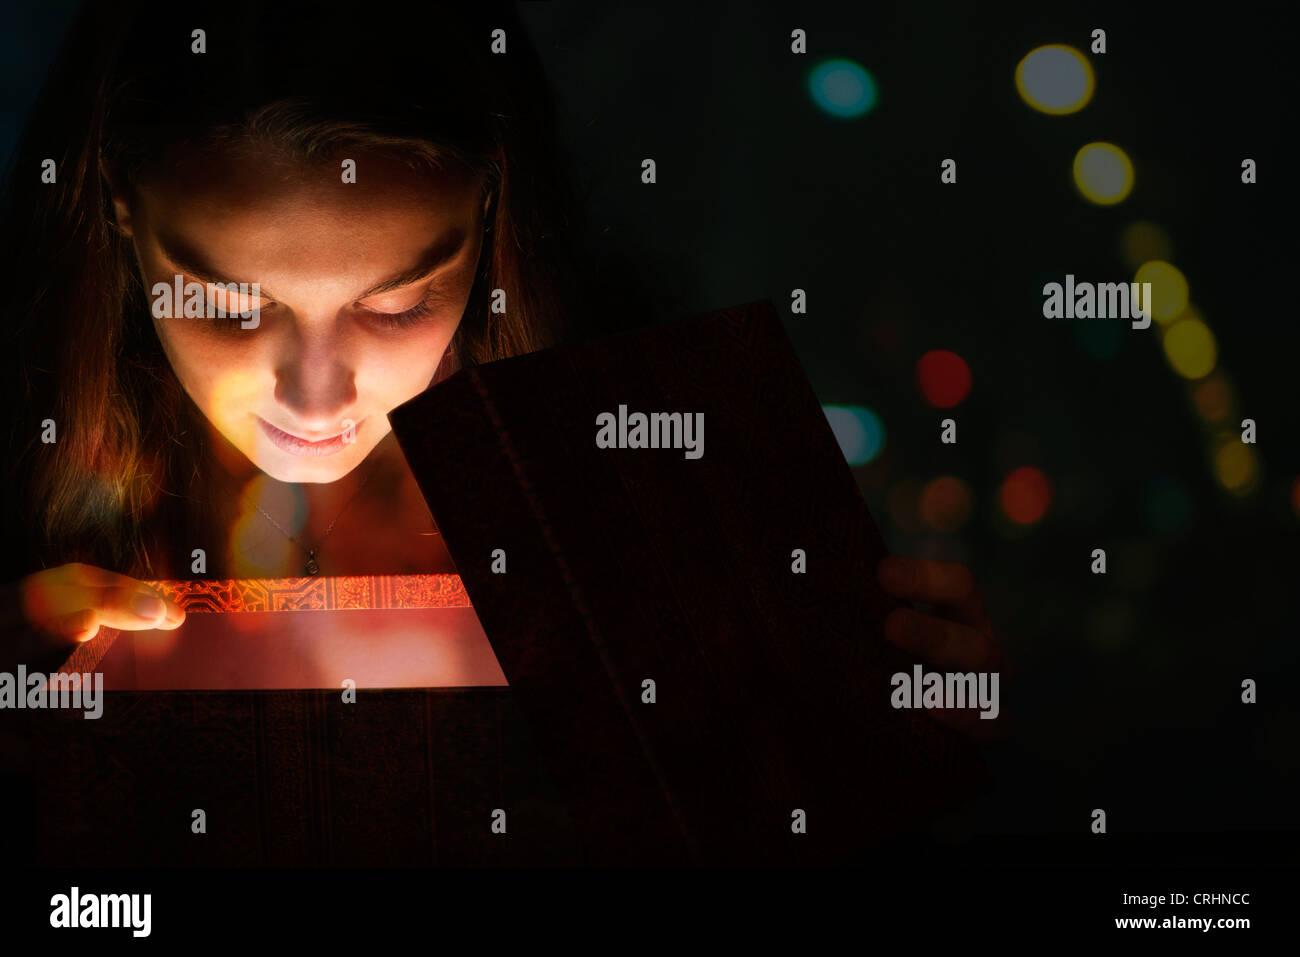 Giovane donna illuminata da luce in confezione regalo Immagini Stock